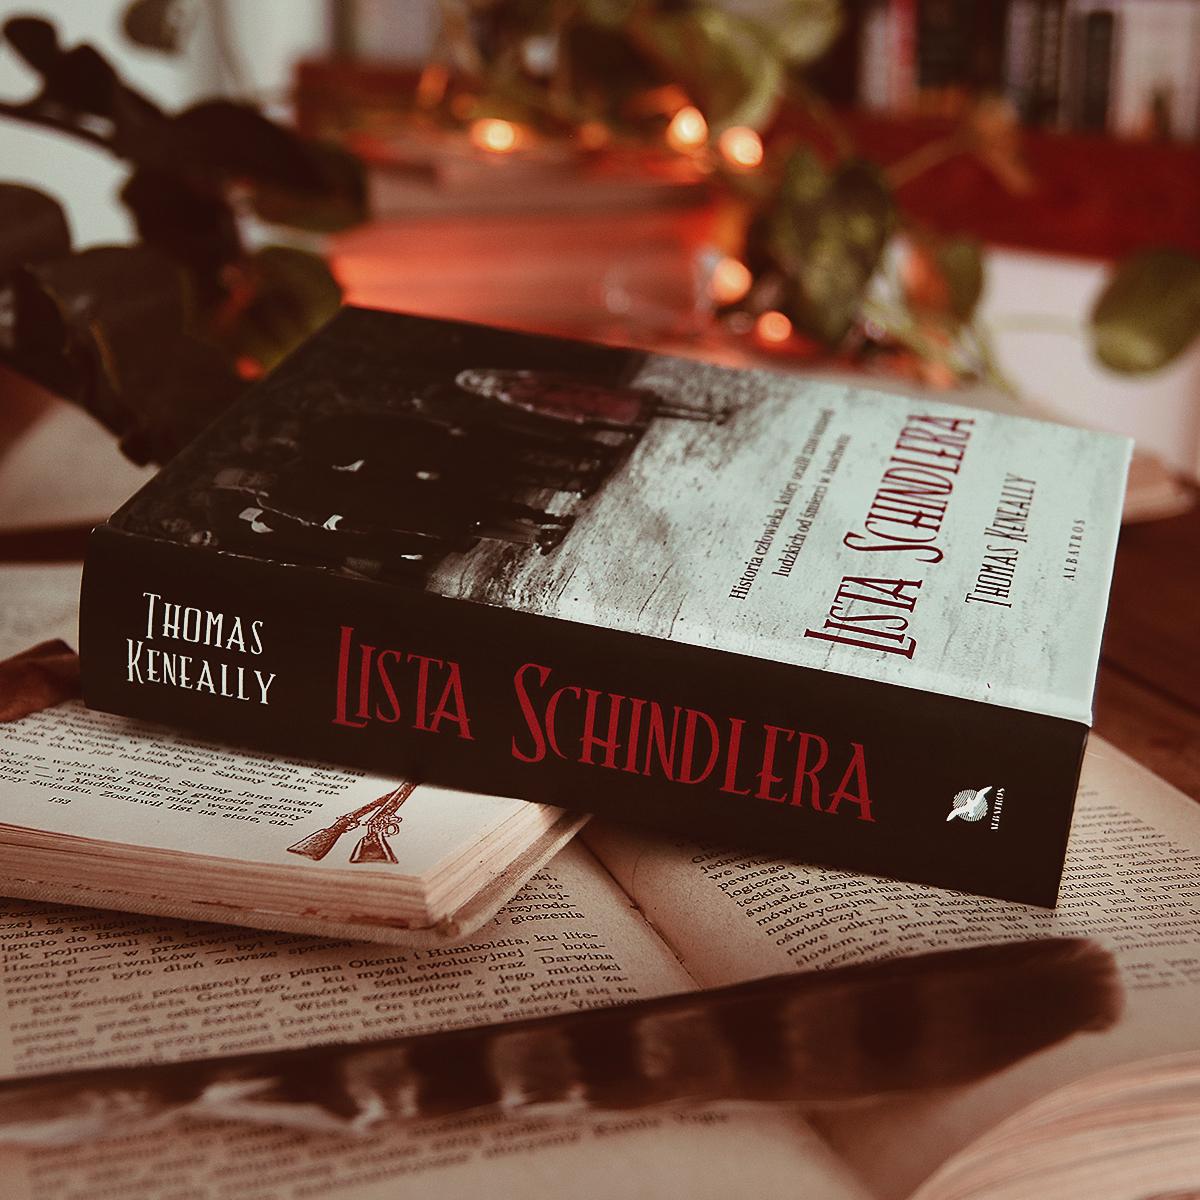 Lista Schindlera - Thomas Keneally